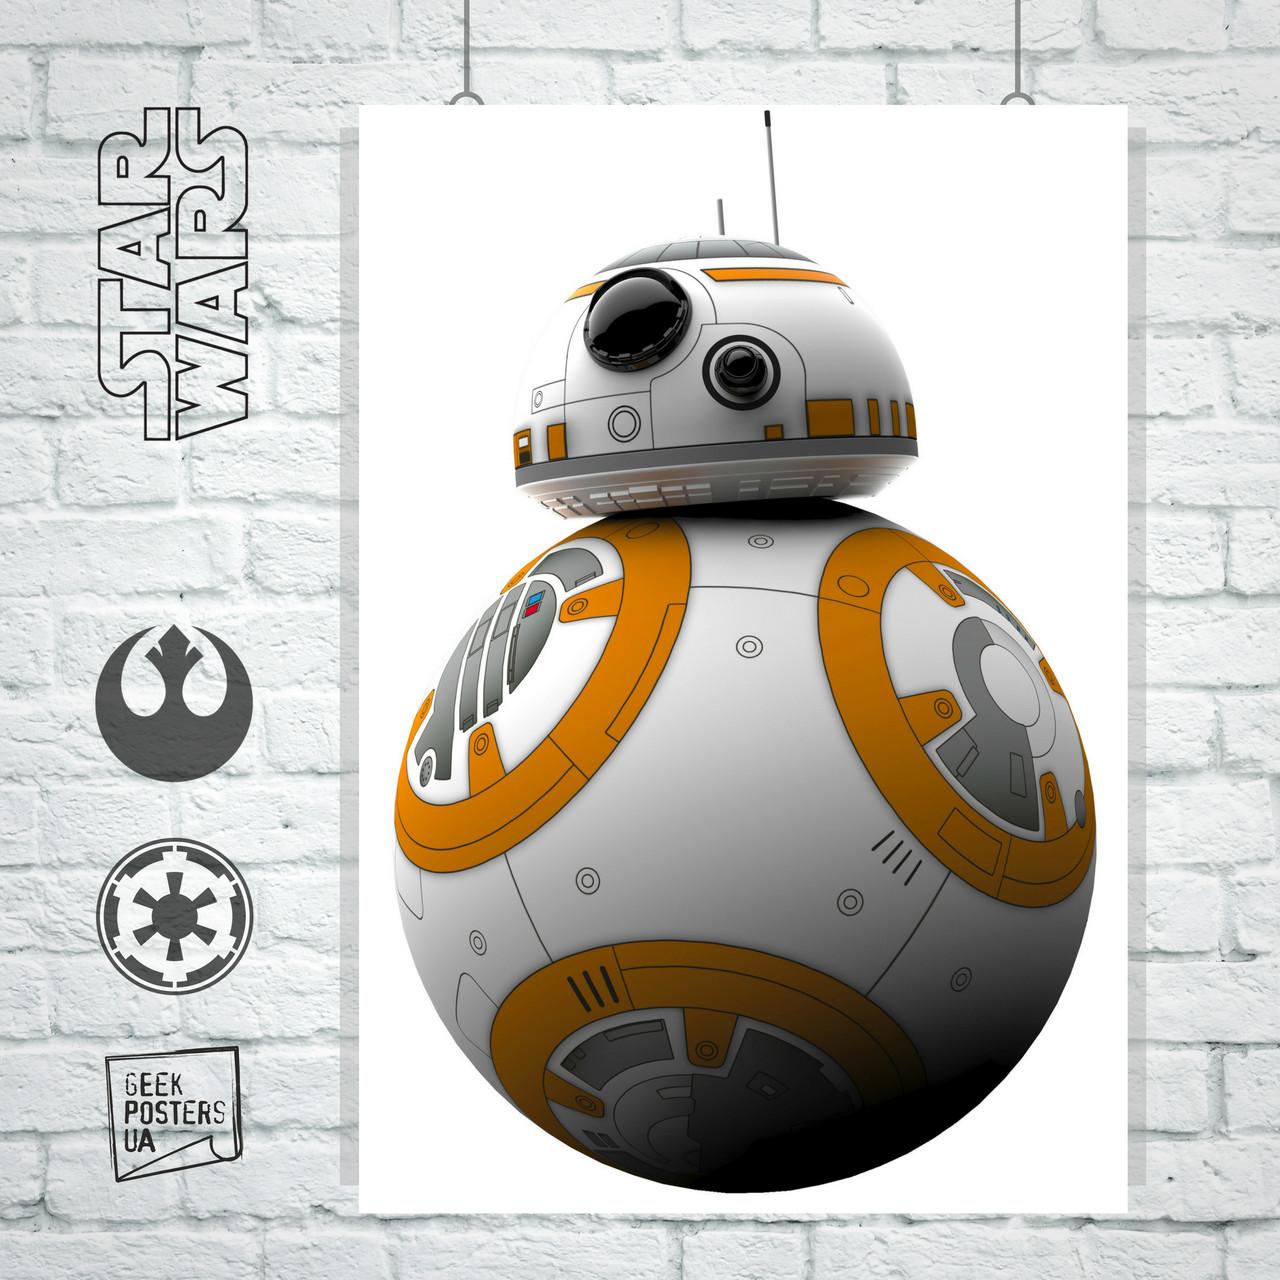 Постер Star Wars: BB-8, Звёздные Войны. Размер 60x43см (A2). Глянцевая бумага